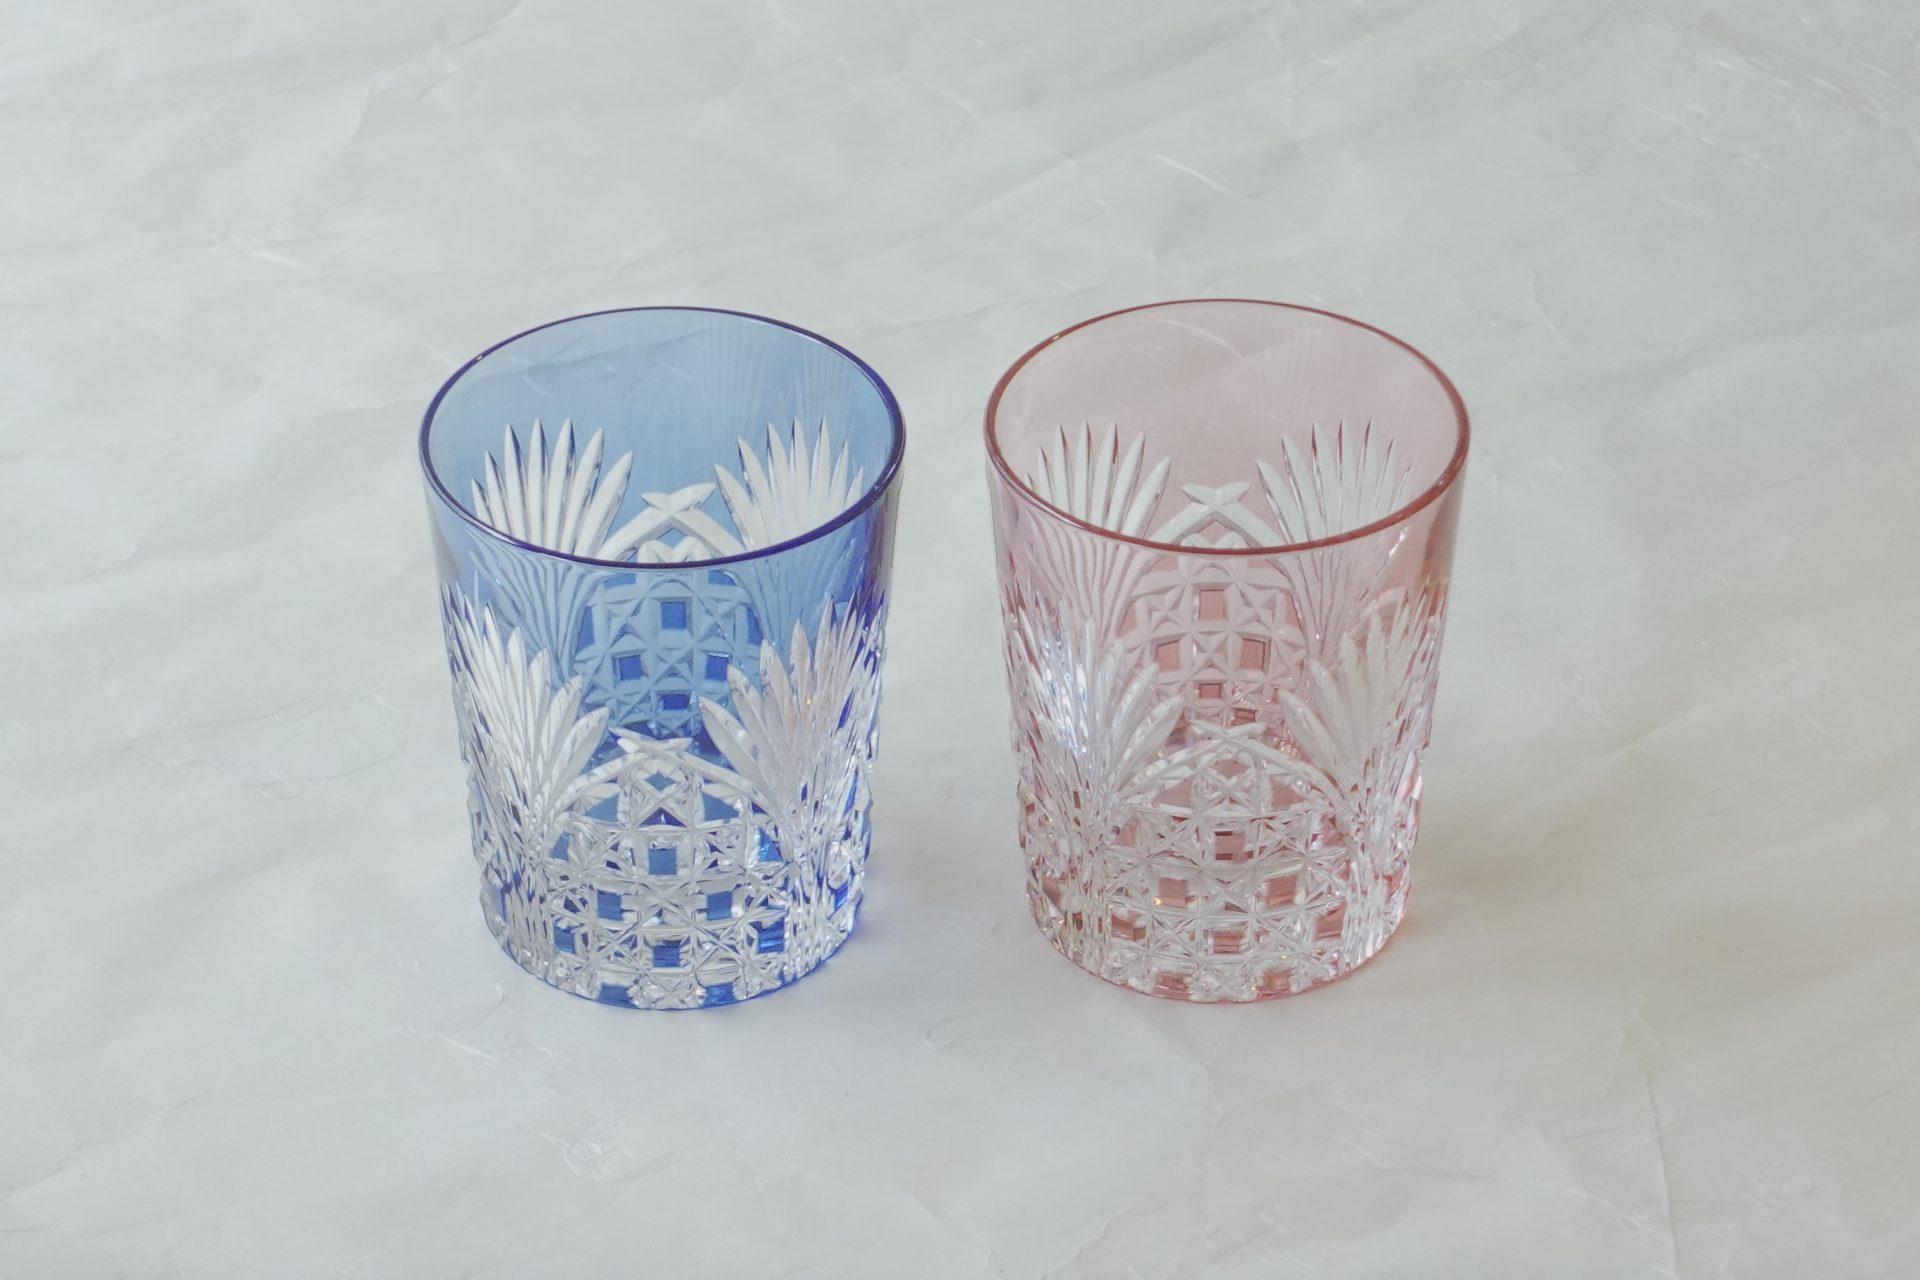 ガラス器 最高級 色被せ クリスタルガラス 江戸切子 ロックグラス ペア カット 彫刻 精密 美しい輝き 最高級グラス 日本が誇る 適度な重み 厳選された素材 高級感 高い透明度 美彩 日本製 メイドインジャパン プレミアム 切子グラス